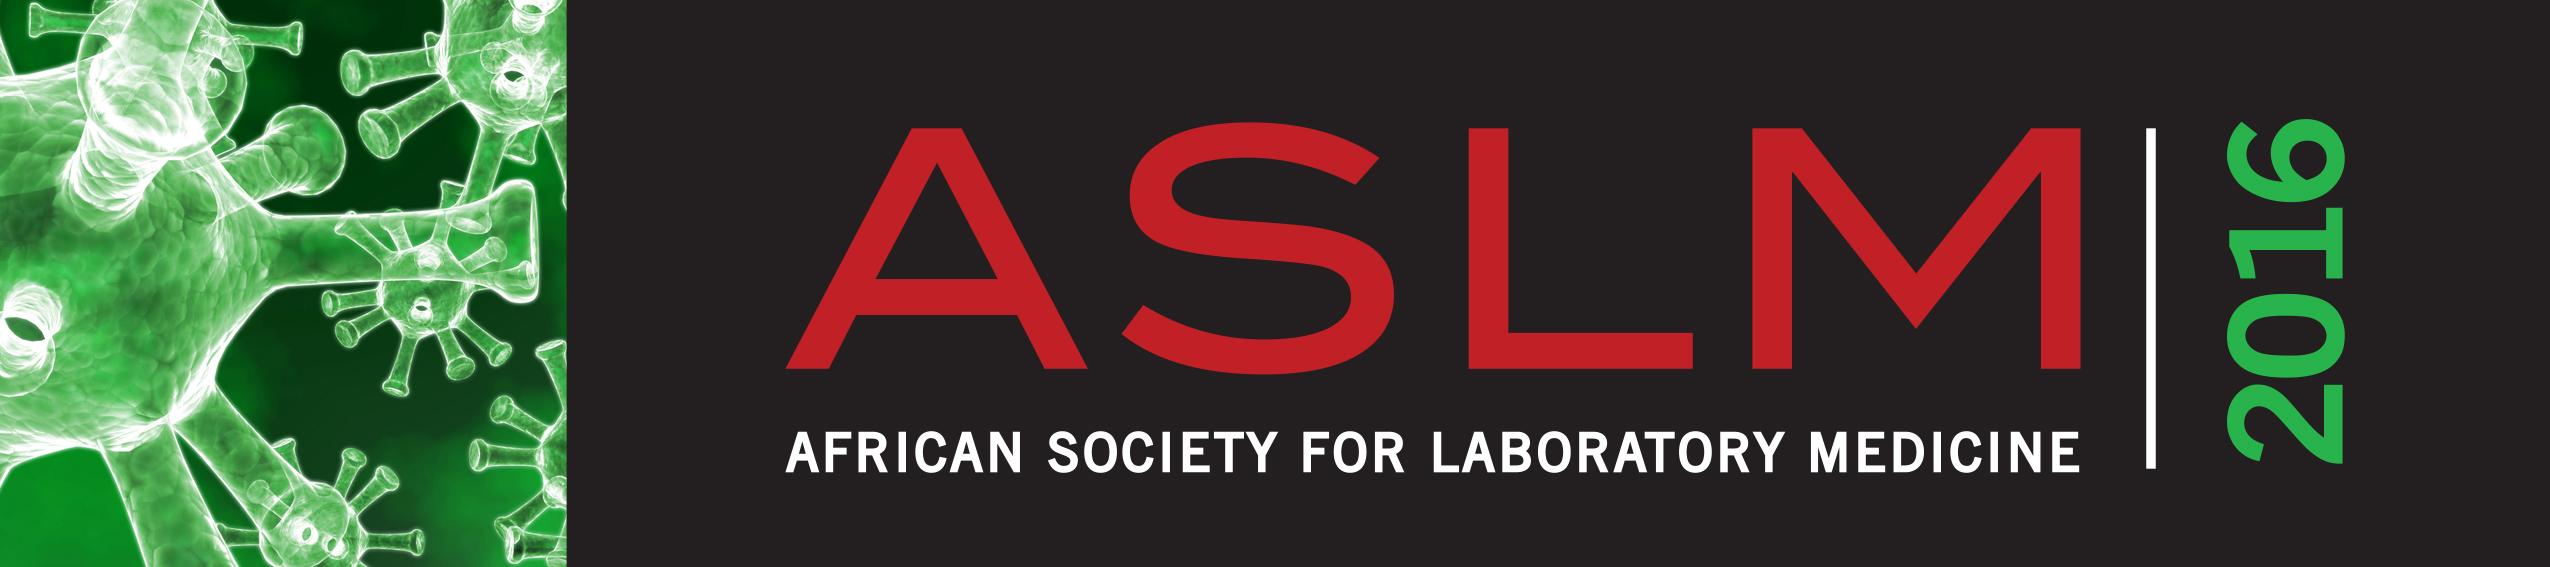 ASLM2016-logo-full